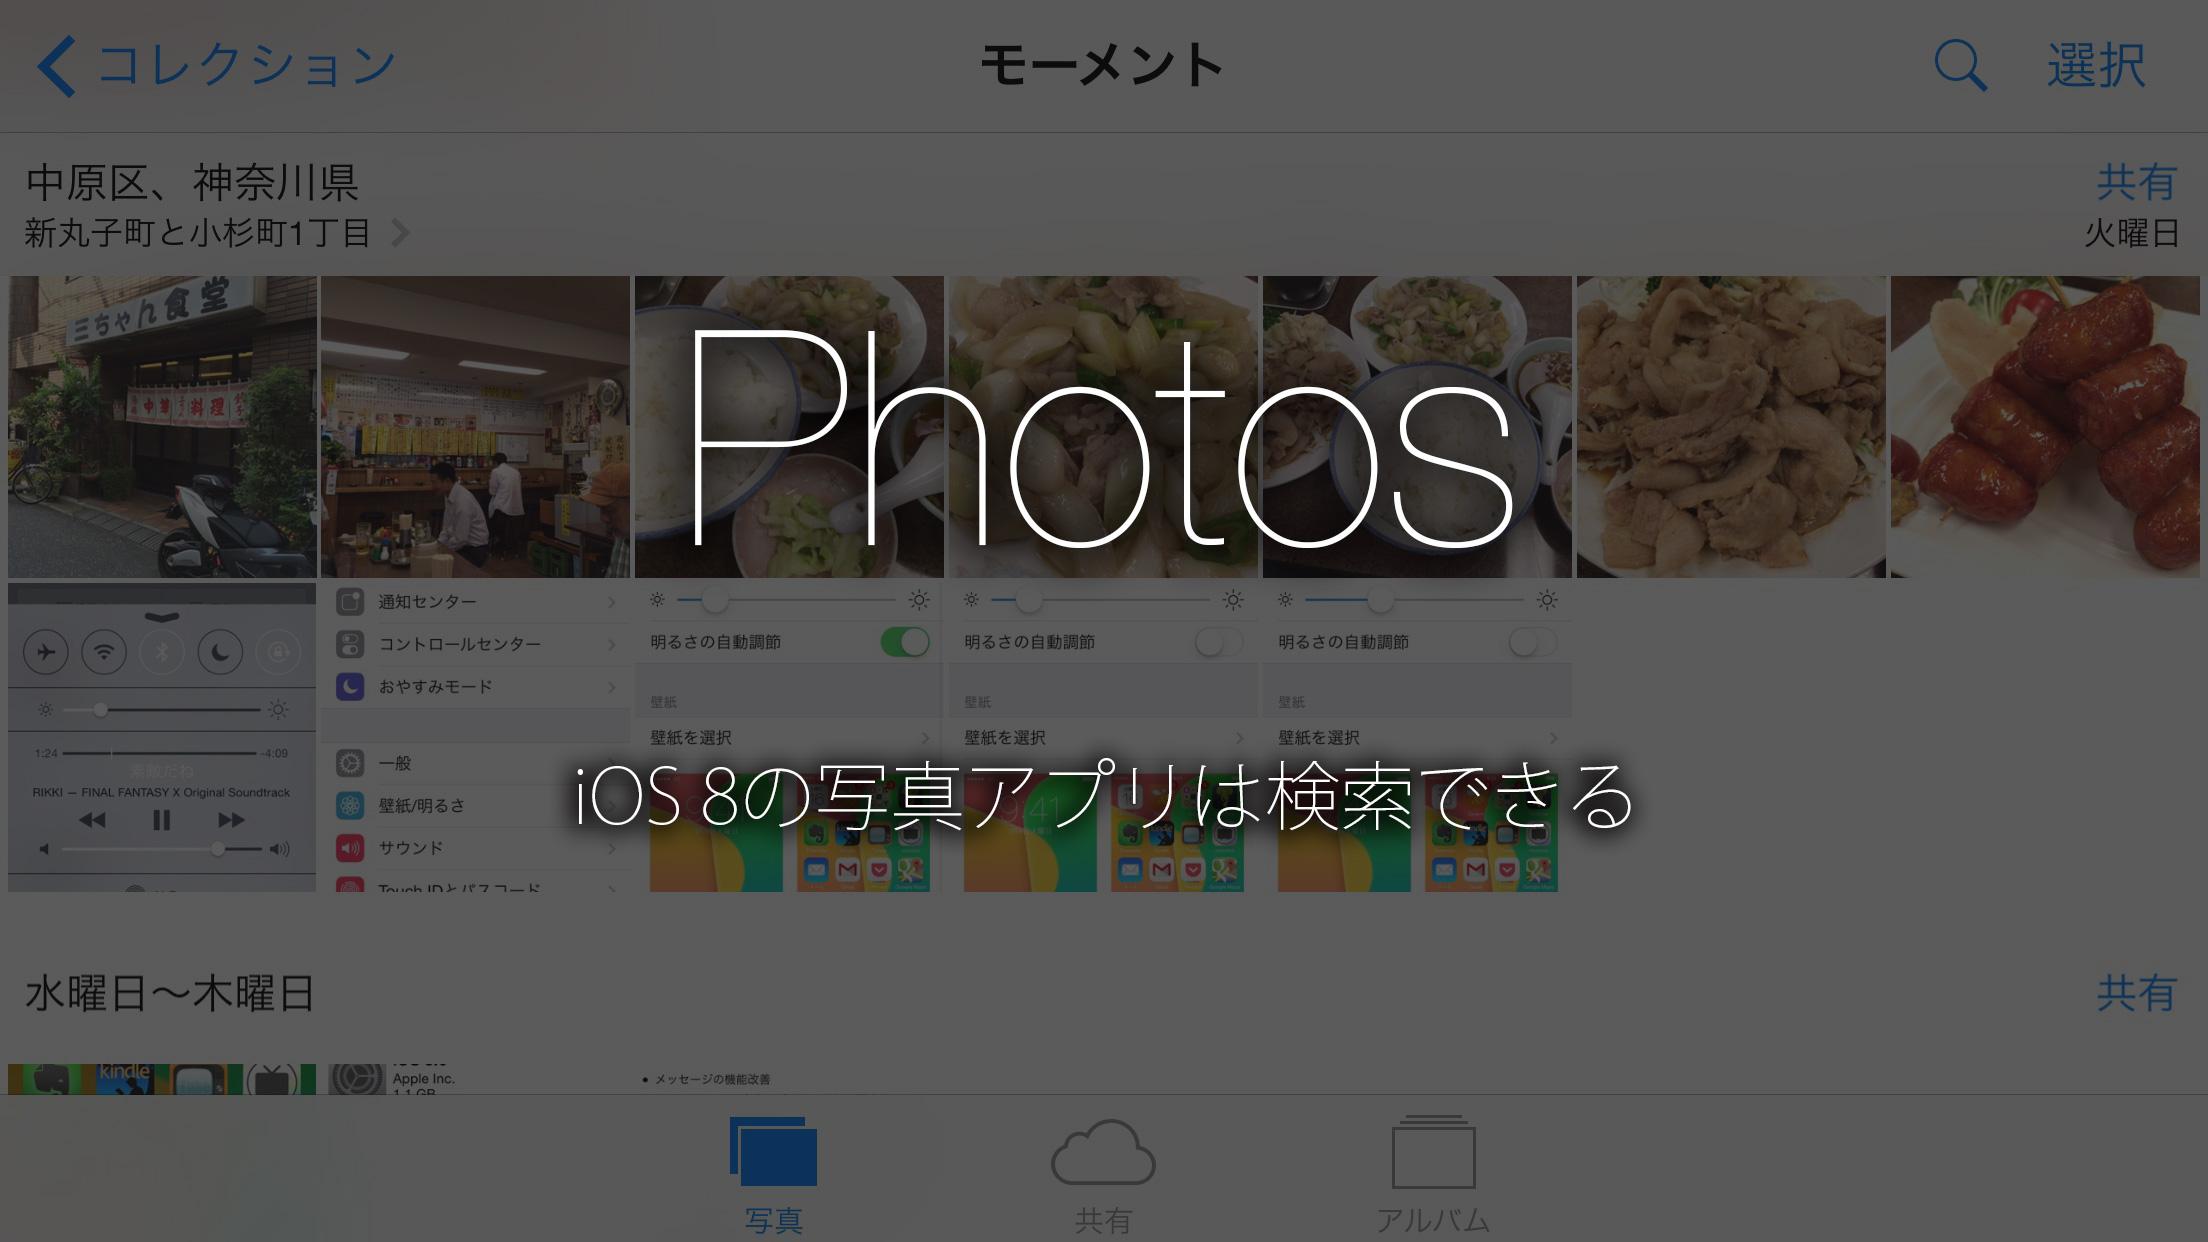 iOS 8の写真アプリは検索できるようになりました。